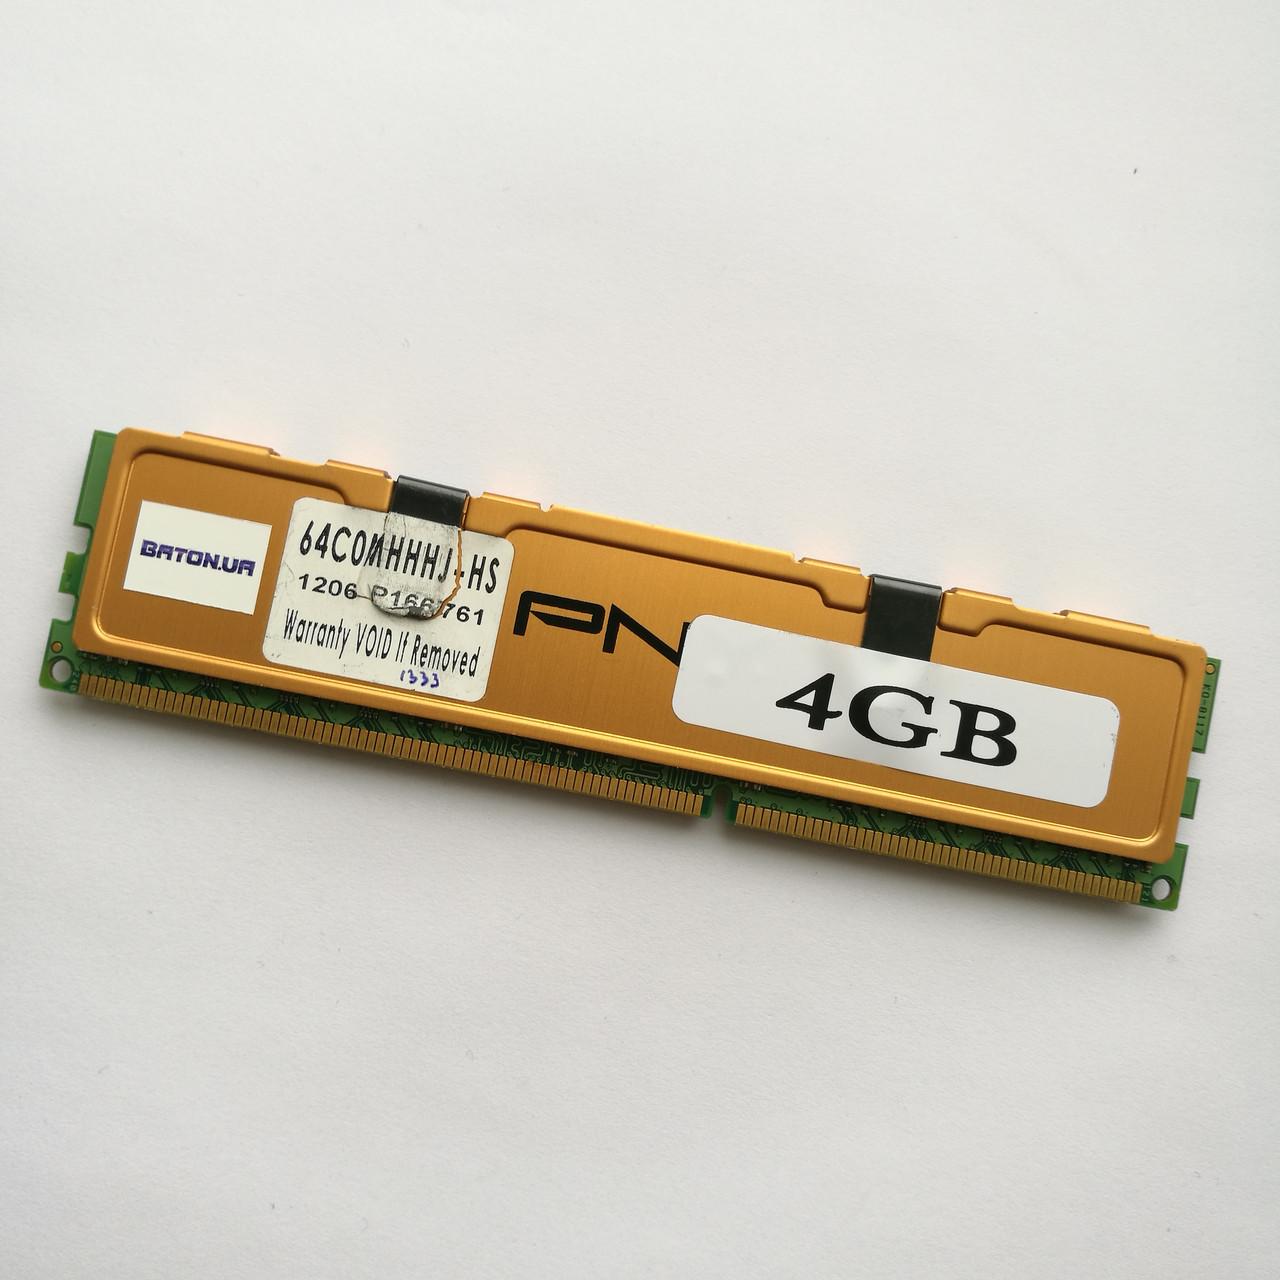 Игровая оперативная память PNY DDR3 4Gb 1333MHz PC3 10666U CL9 (64C0MHHHJ-HS) Б/У